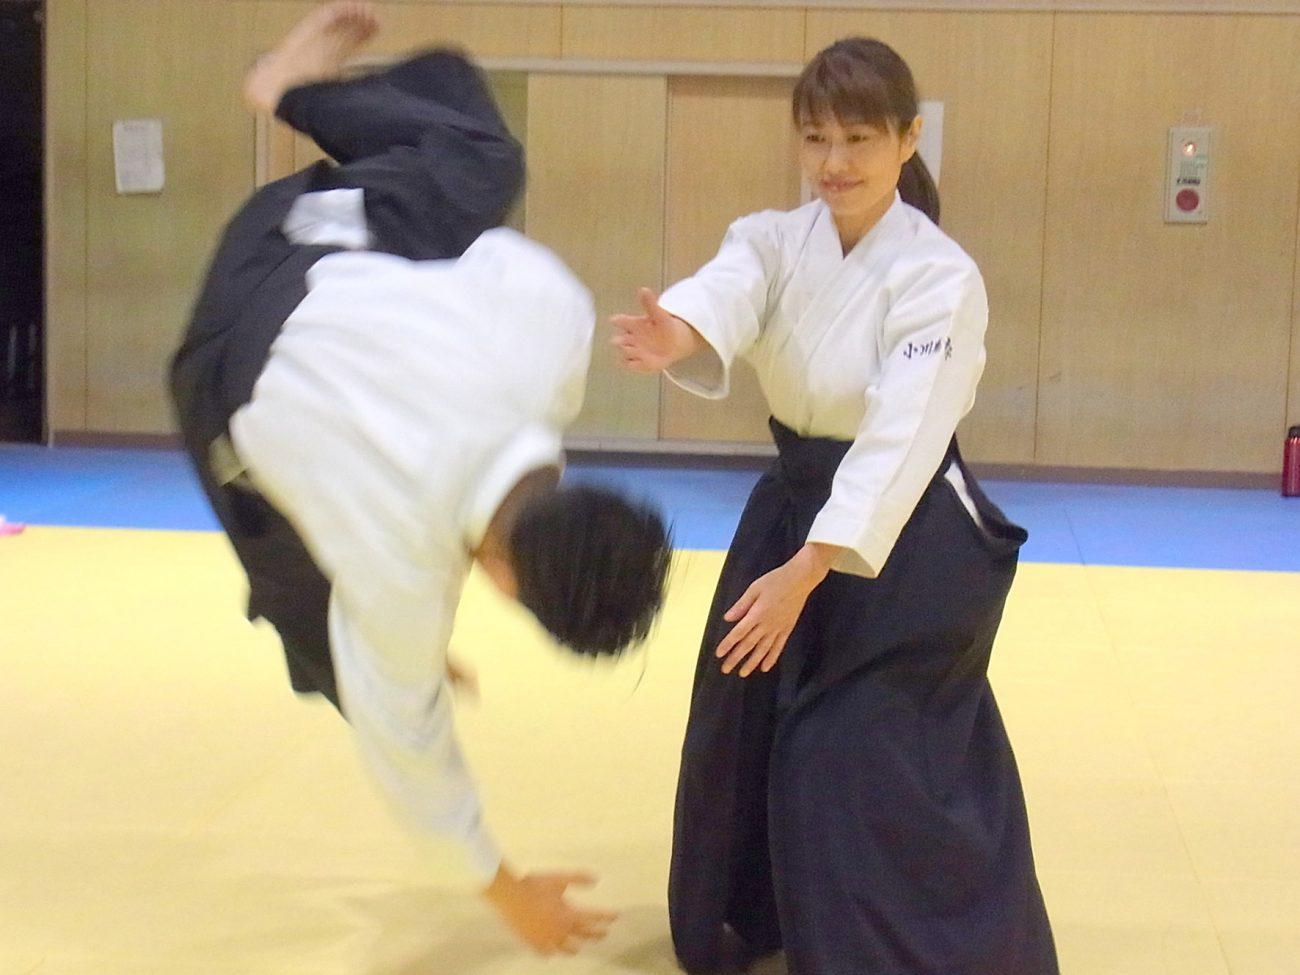 Mujer practicando Aikido con compañero. No hay distinción entre hombres, mujeres y niños.